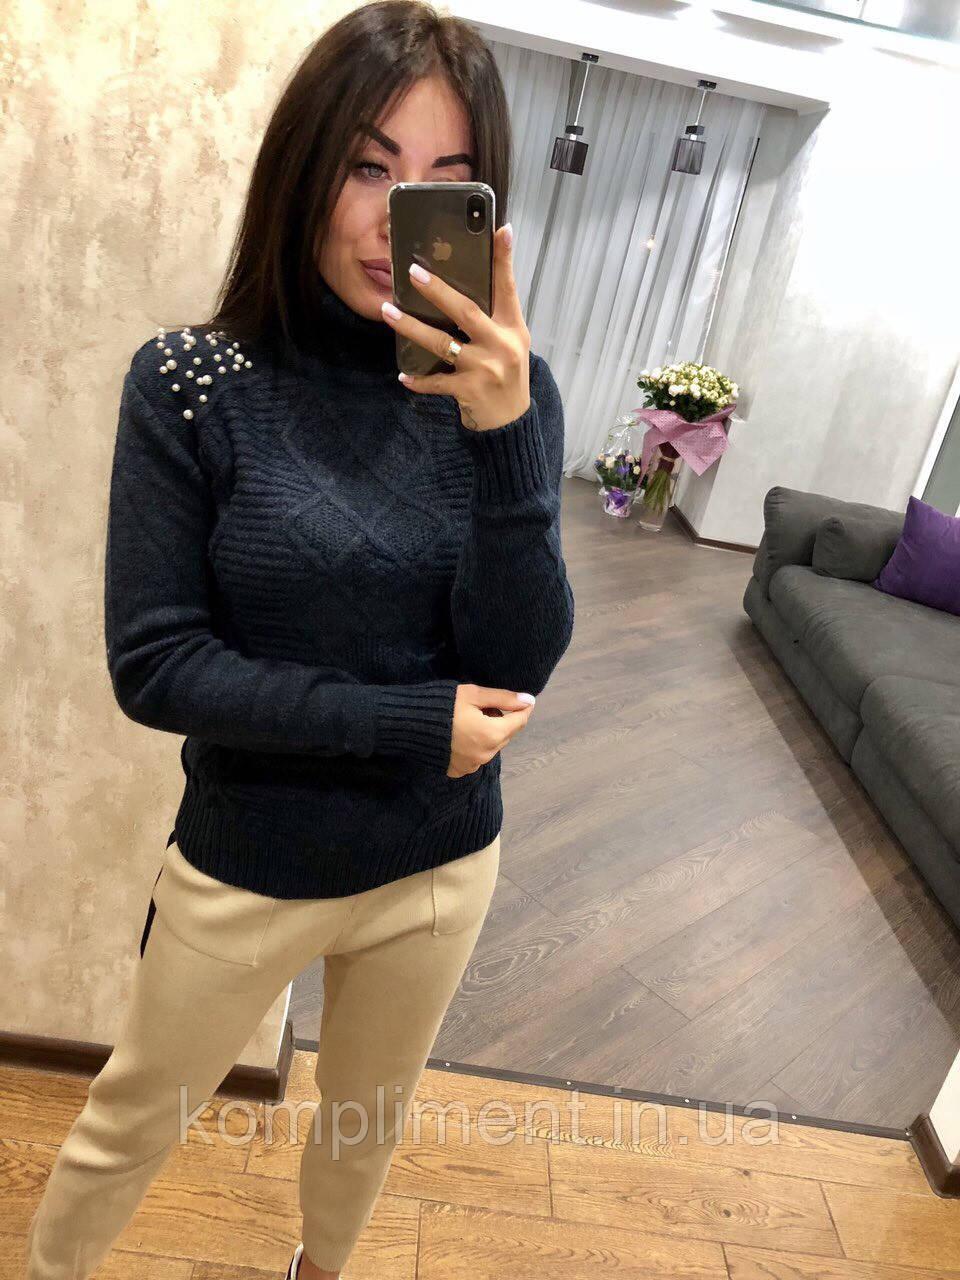 Теплый свитер женский шерстяной с горлом, синий.Производство Турция.NВ 2402/5